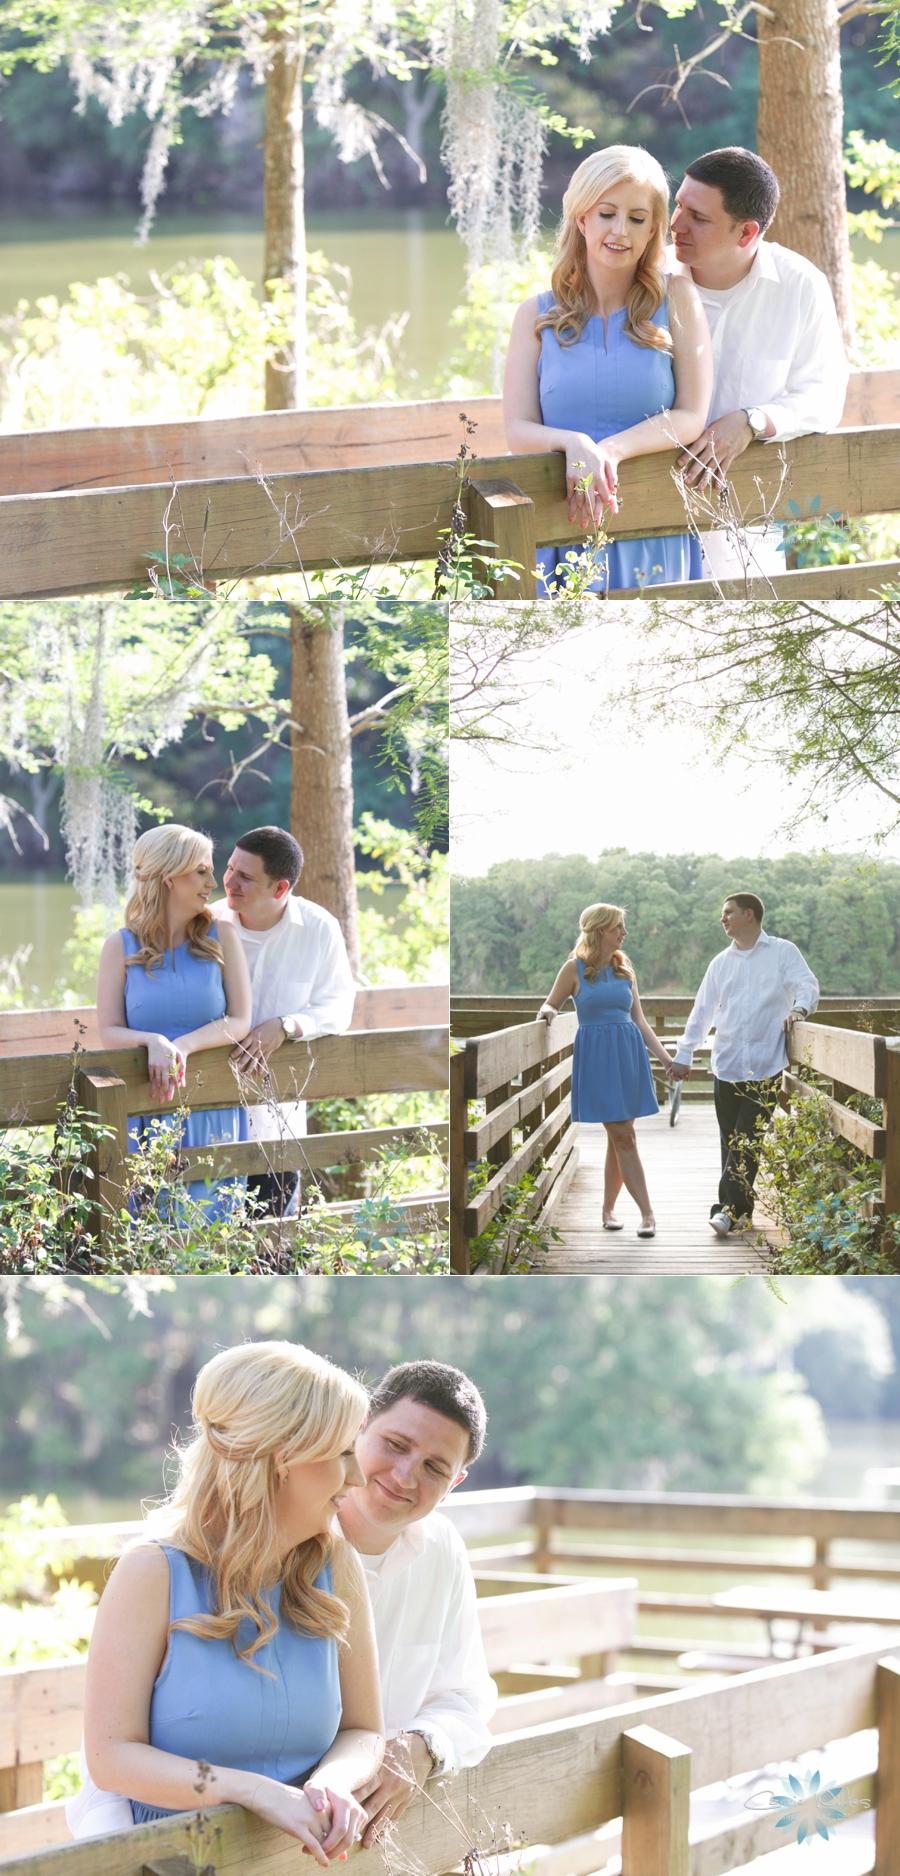 4_6_15 Medard Park Engagement_0004.jpg